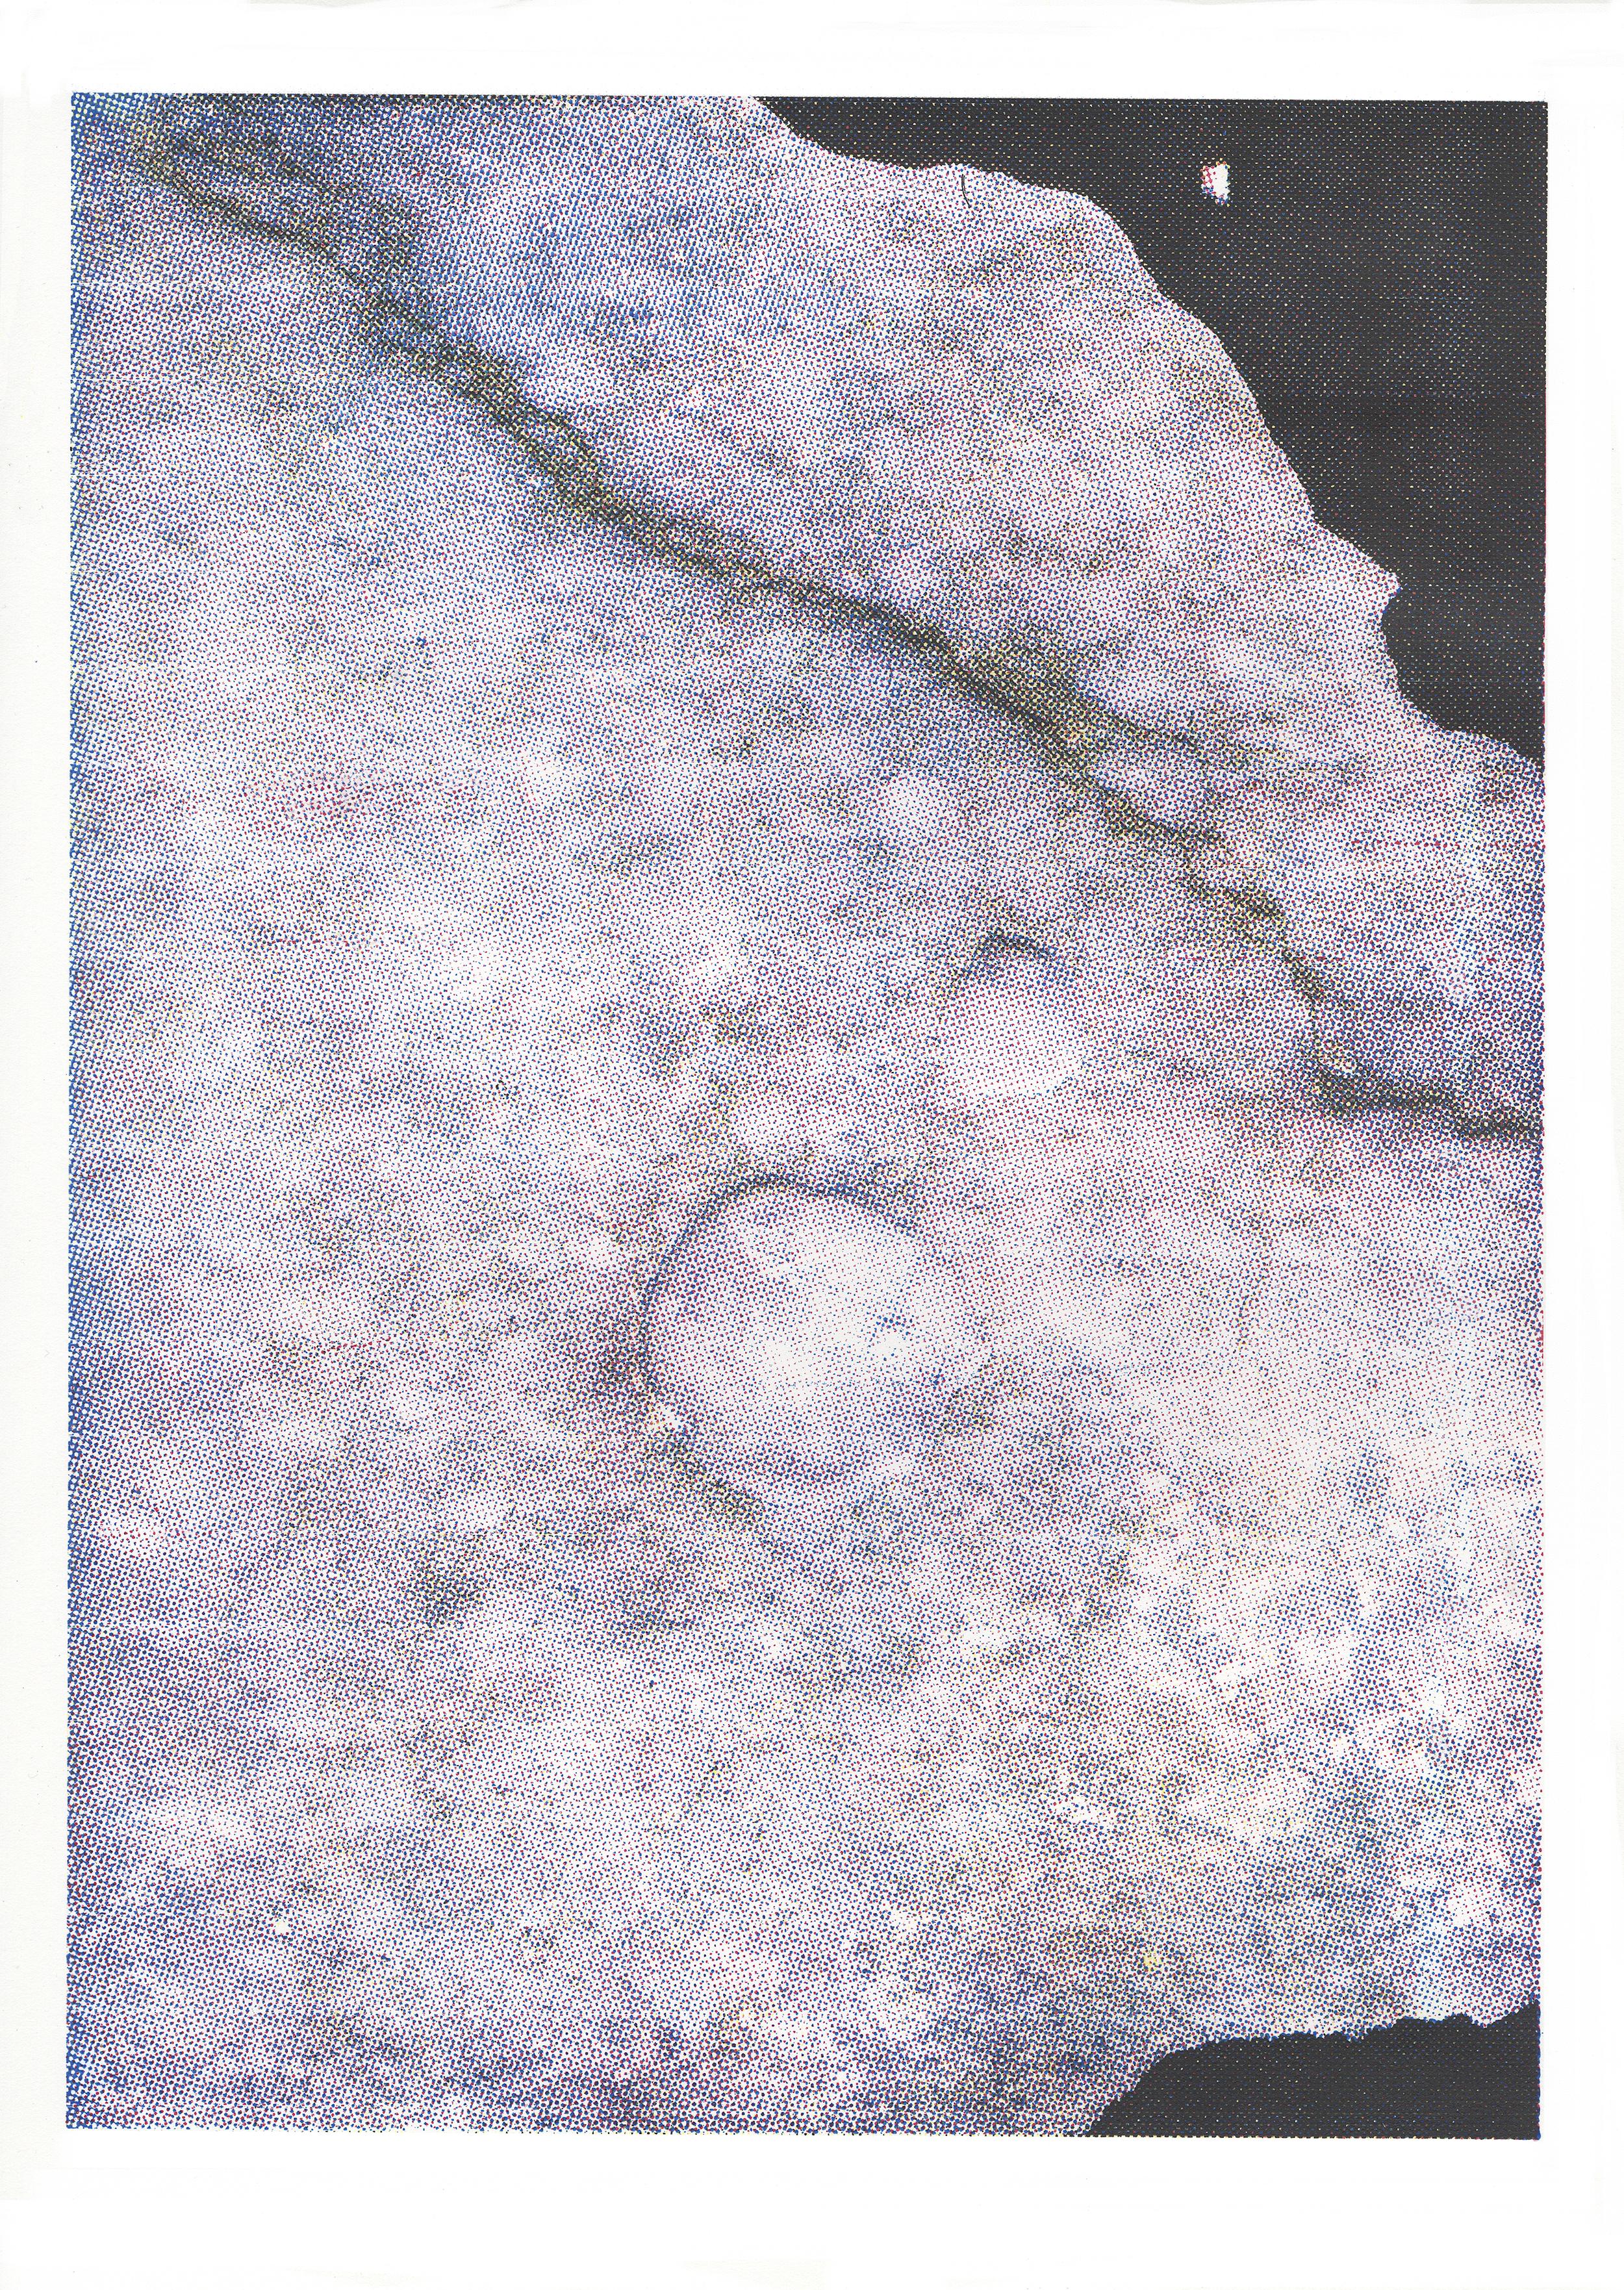 151.jpg